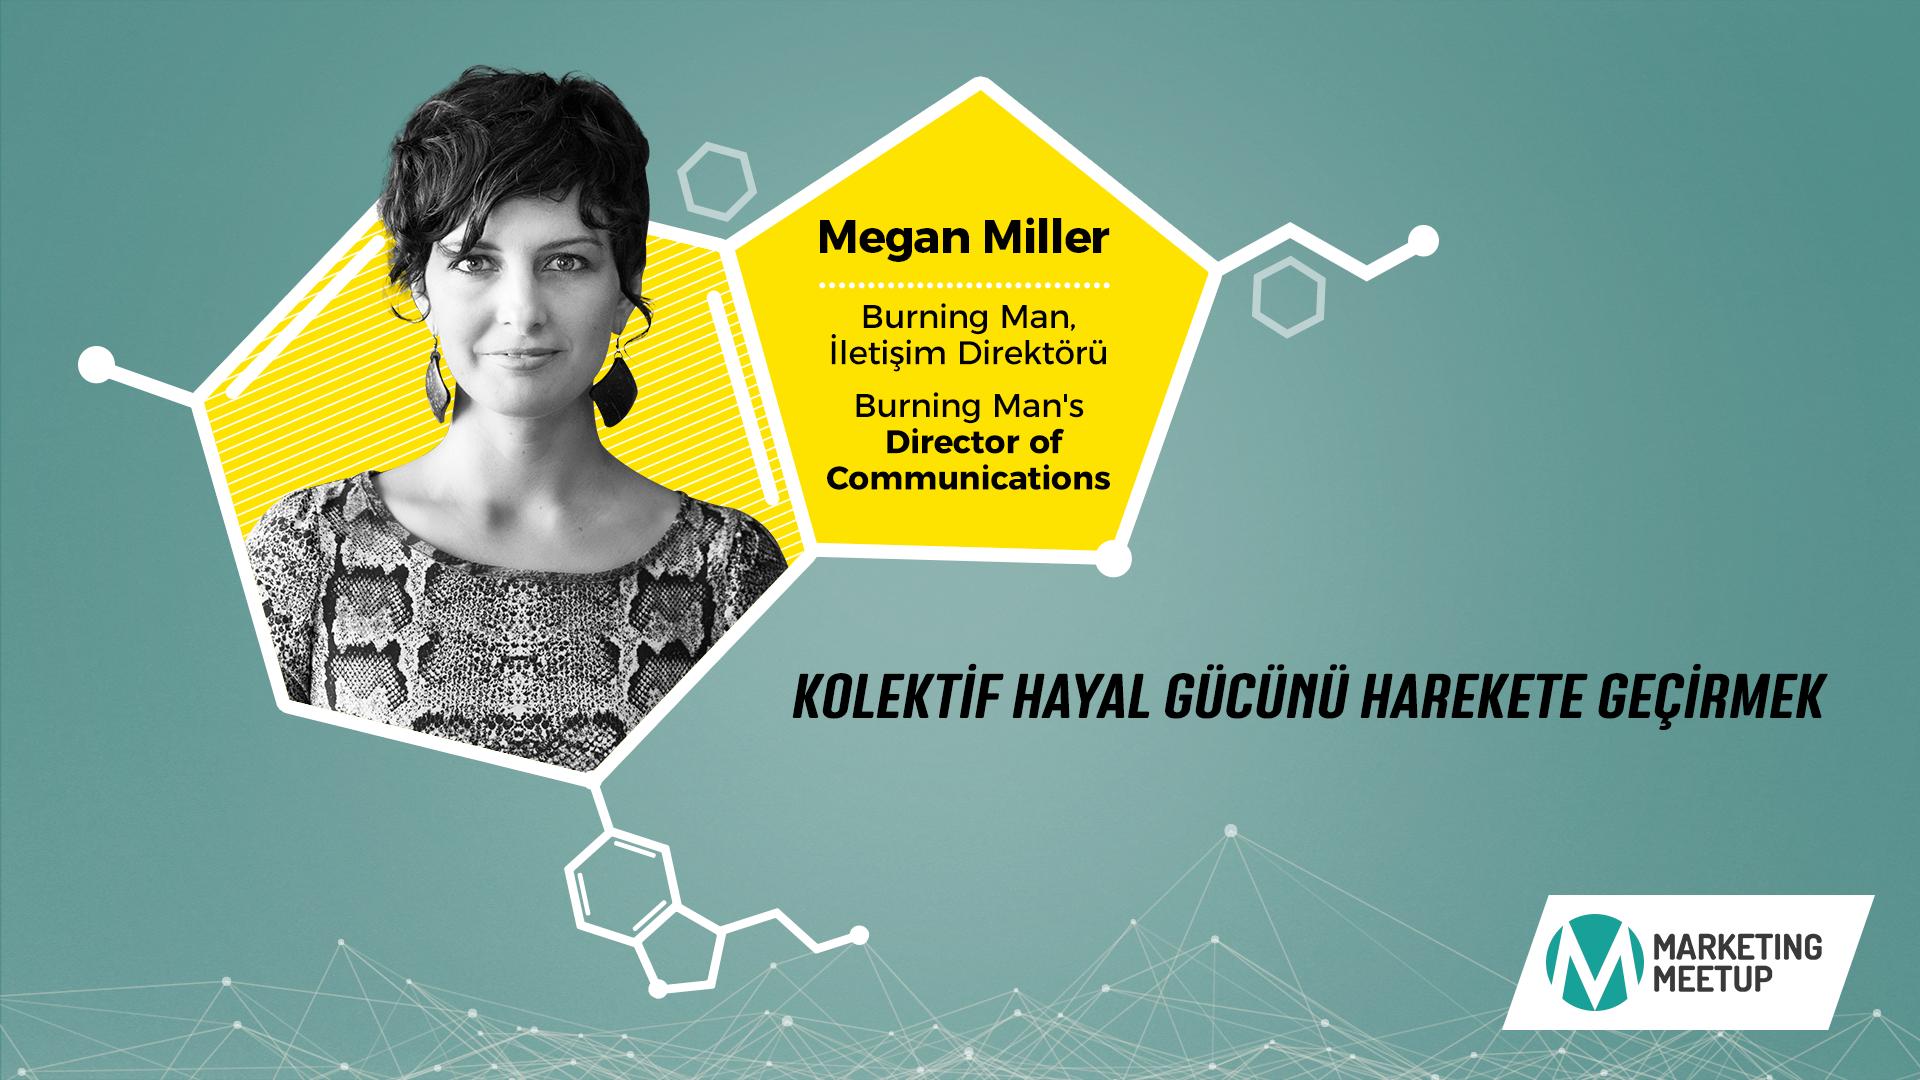 Burning Man İletişim Direktörü Megan Miller, Marketing Meetup'ta Ne Anlatacak?